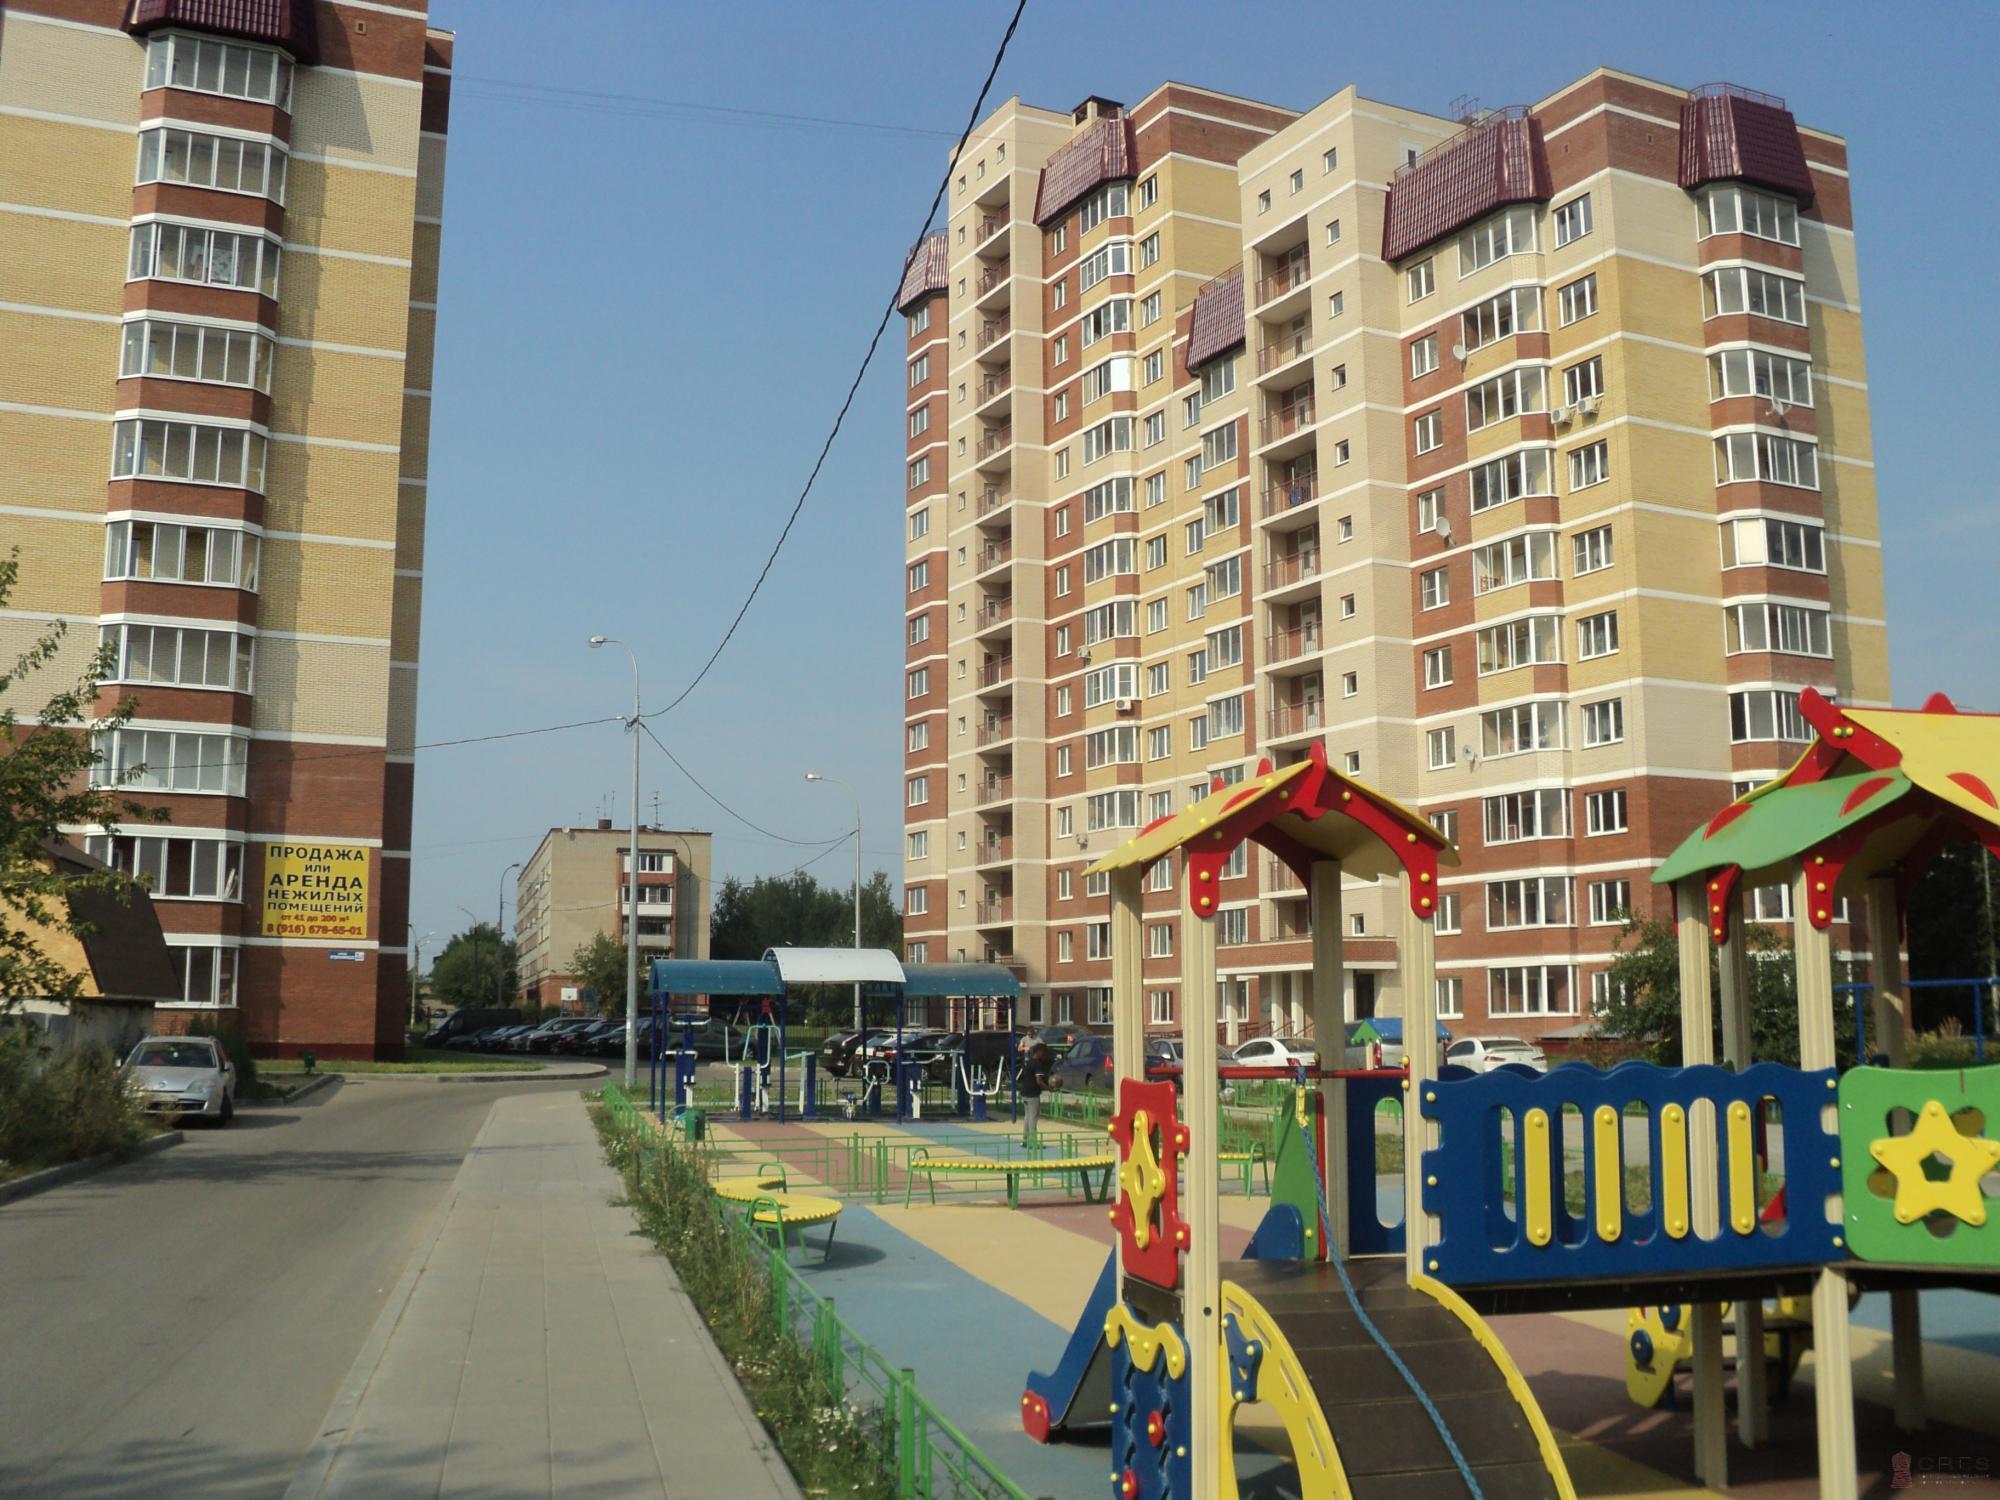 фото львовский московская область